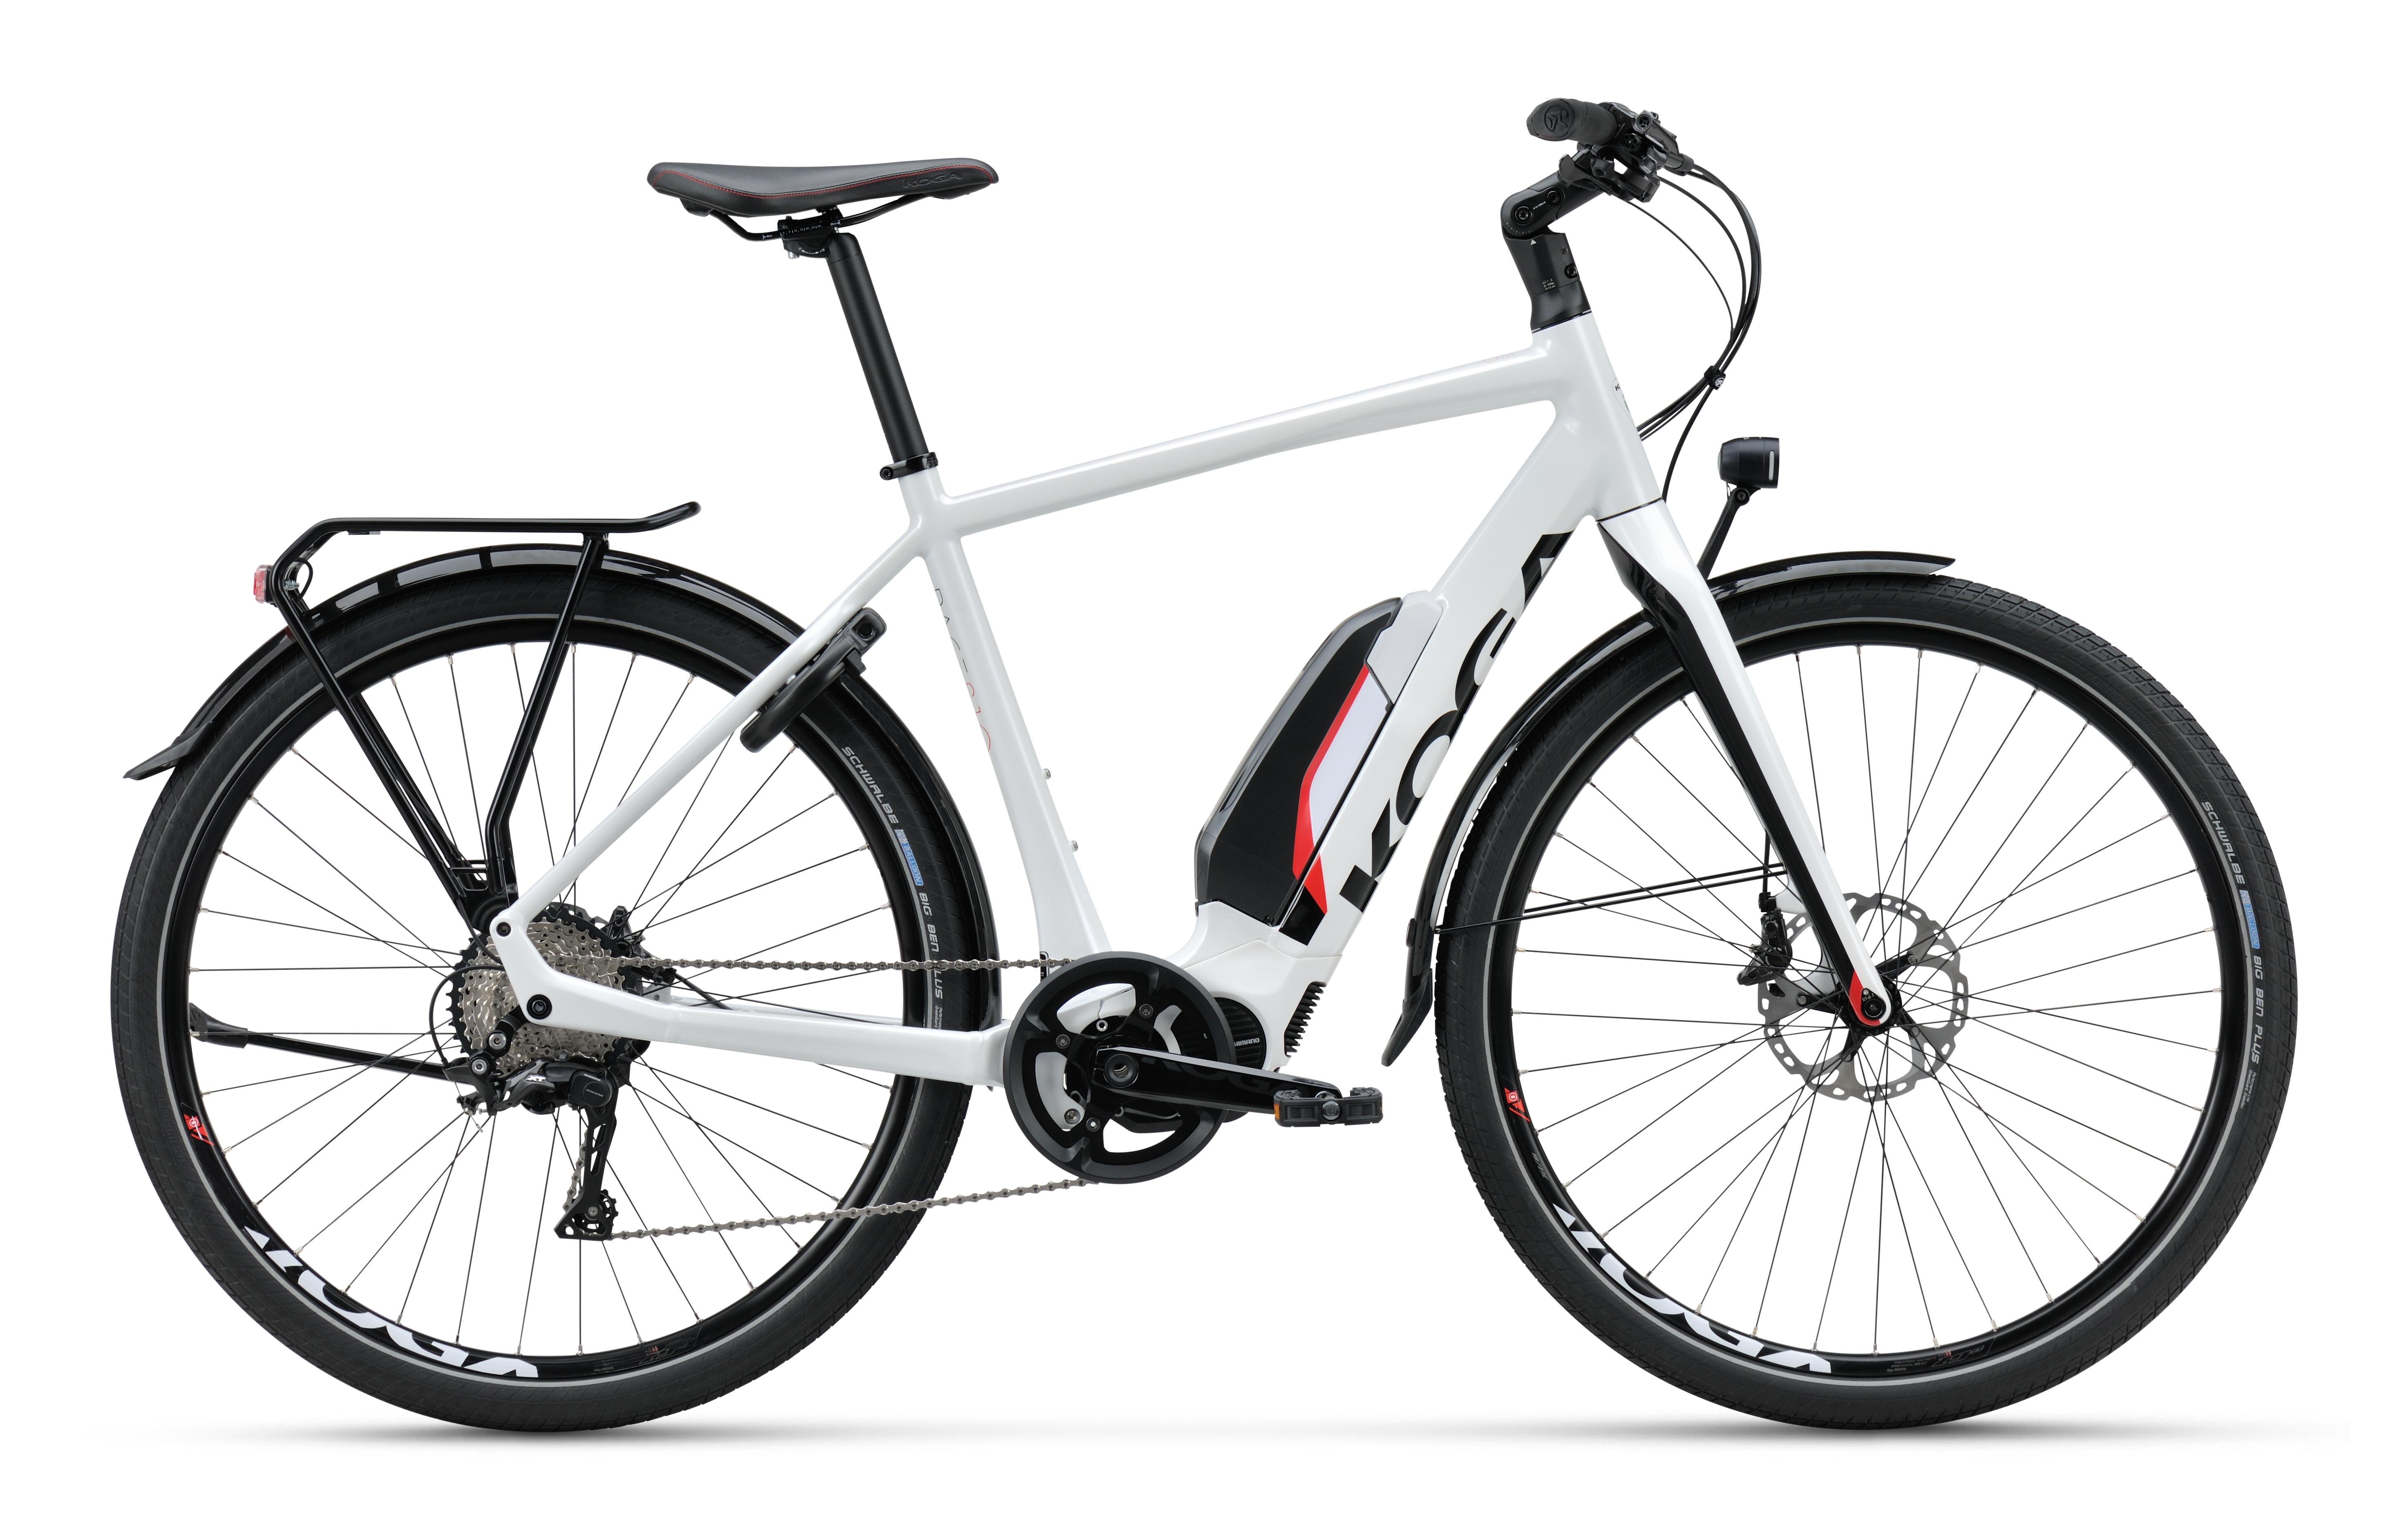 Lichte Elektrische Fiets : Koga elektrische fietsen collectie